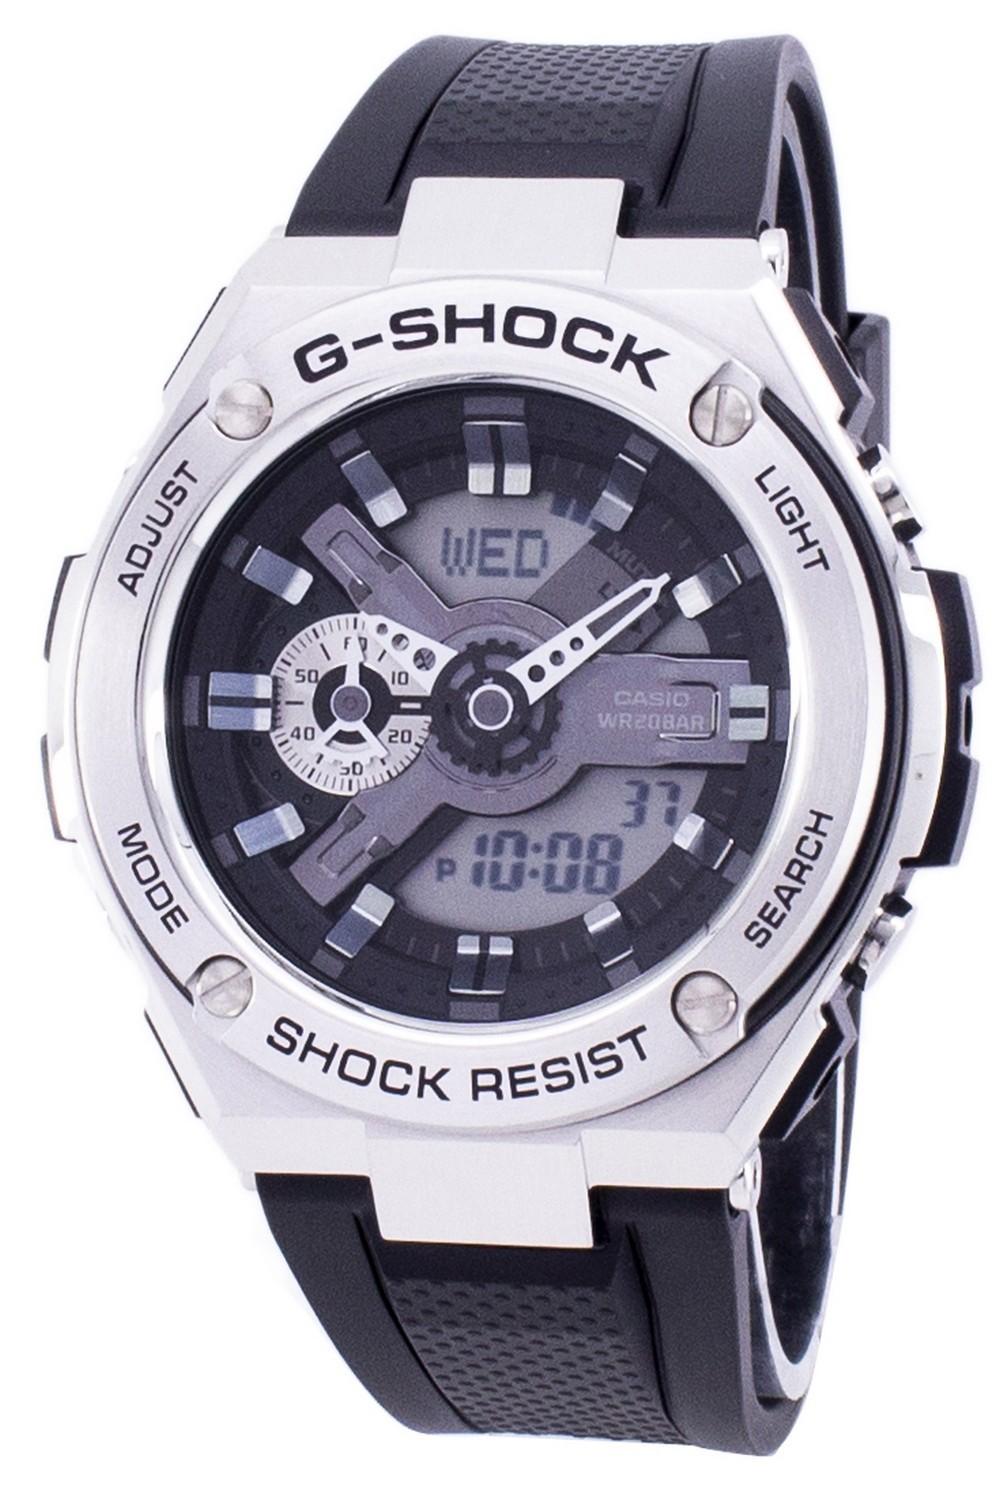 Casio G-Shock G-Steel Shock Resistant 200M GST-410-1A GST410-1A Mens Watch